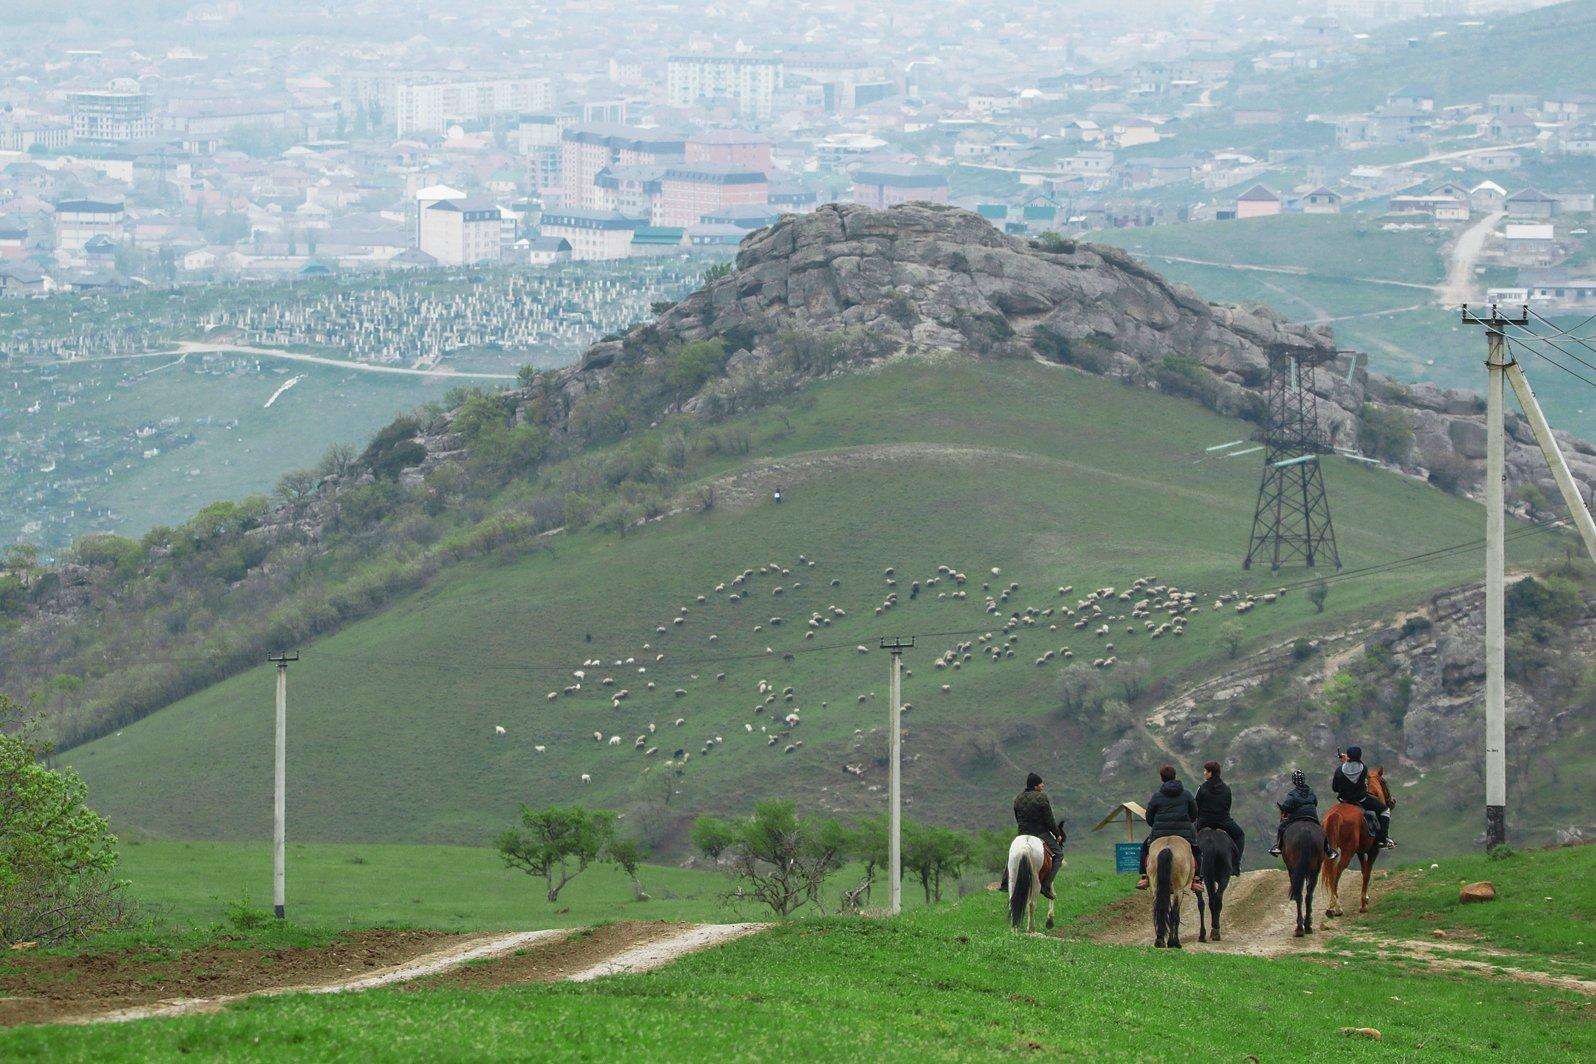 махачкала,горы,пригород,окраина,город,пейзаж,люди.лошади,овцы,, Magov Marat